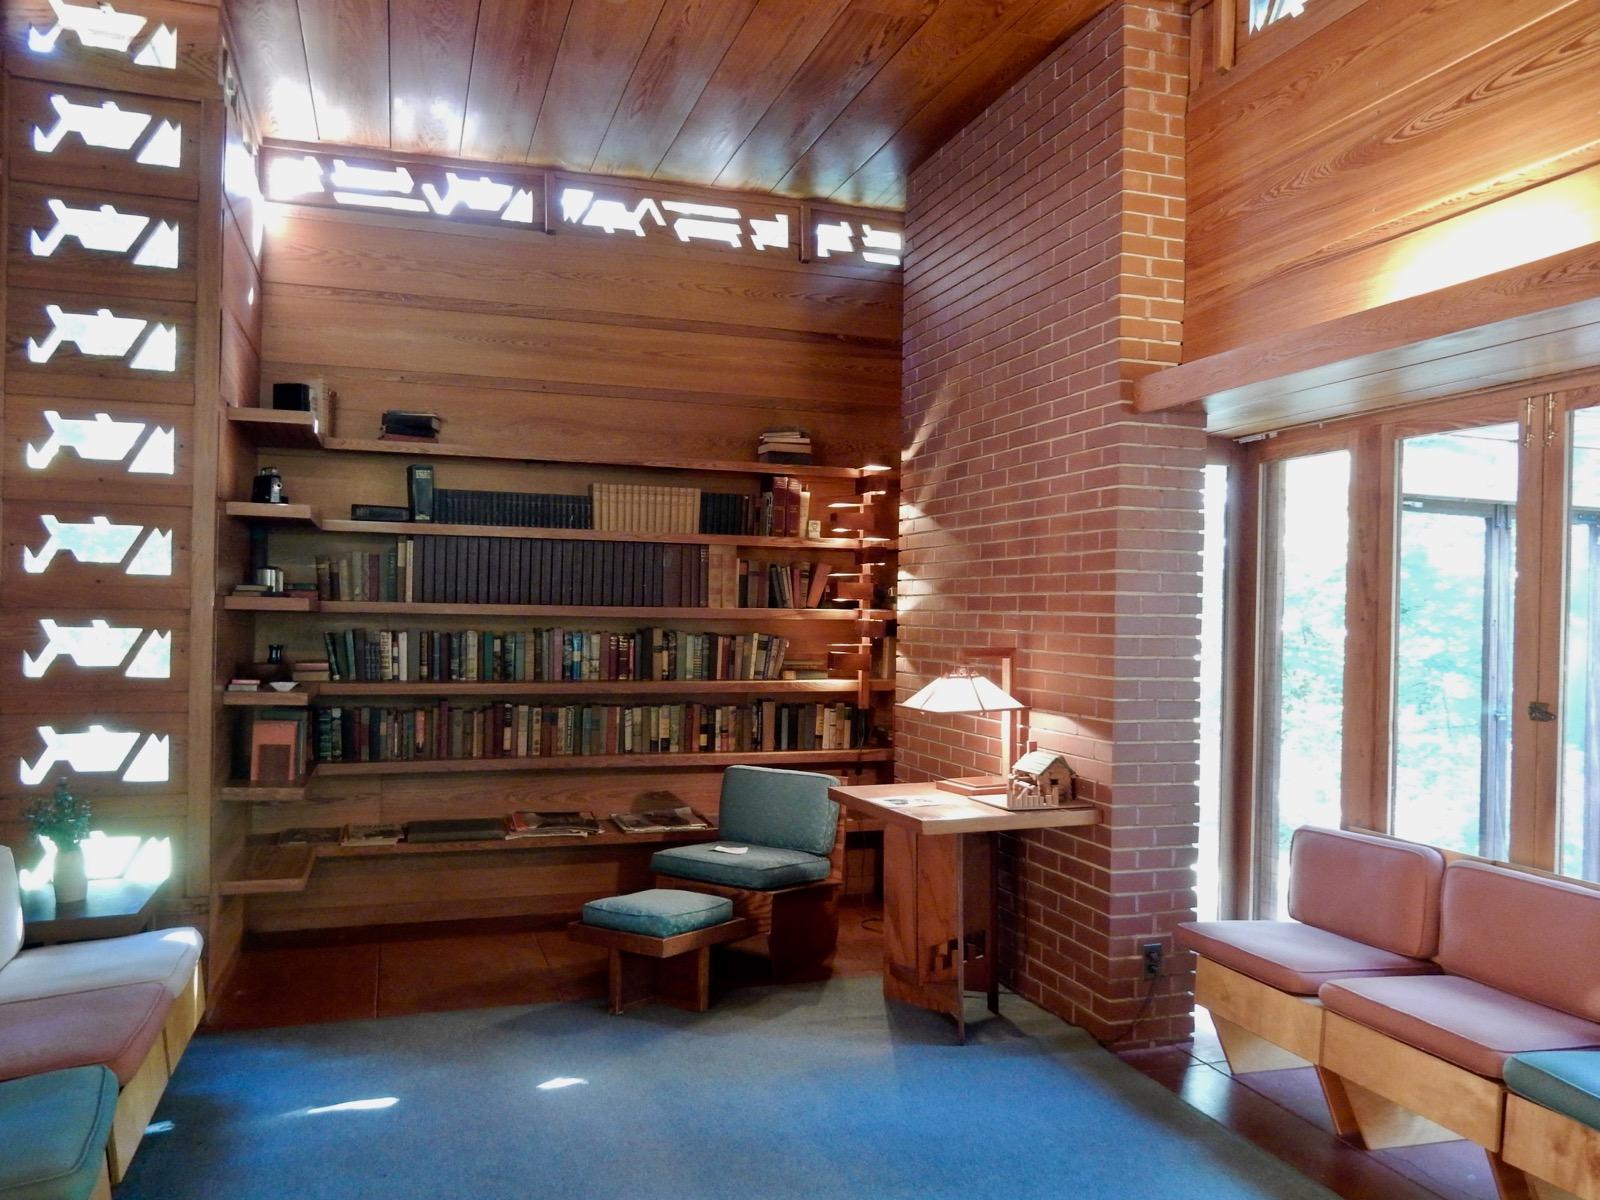 Fairfax county va washington made whiskey here - Frank lloyd wright house interiors ...